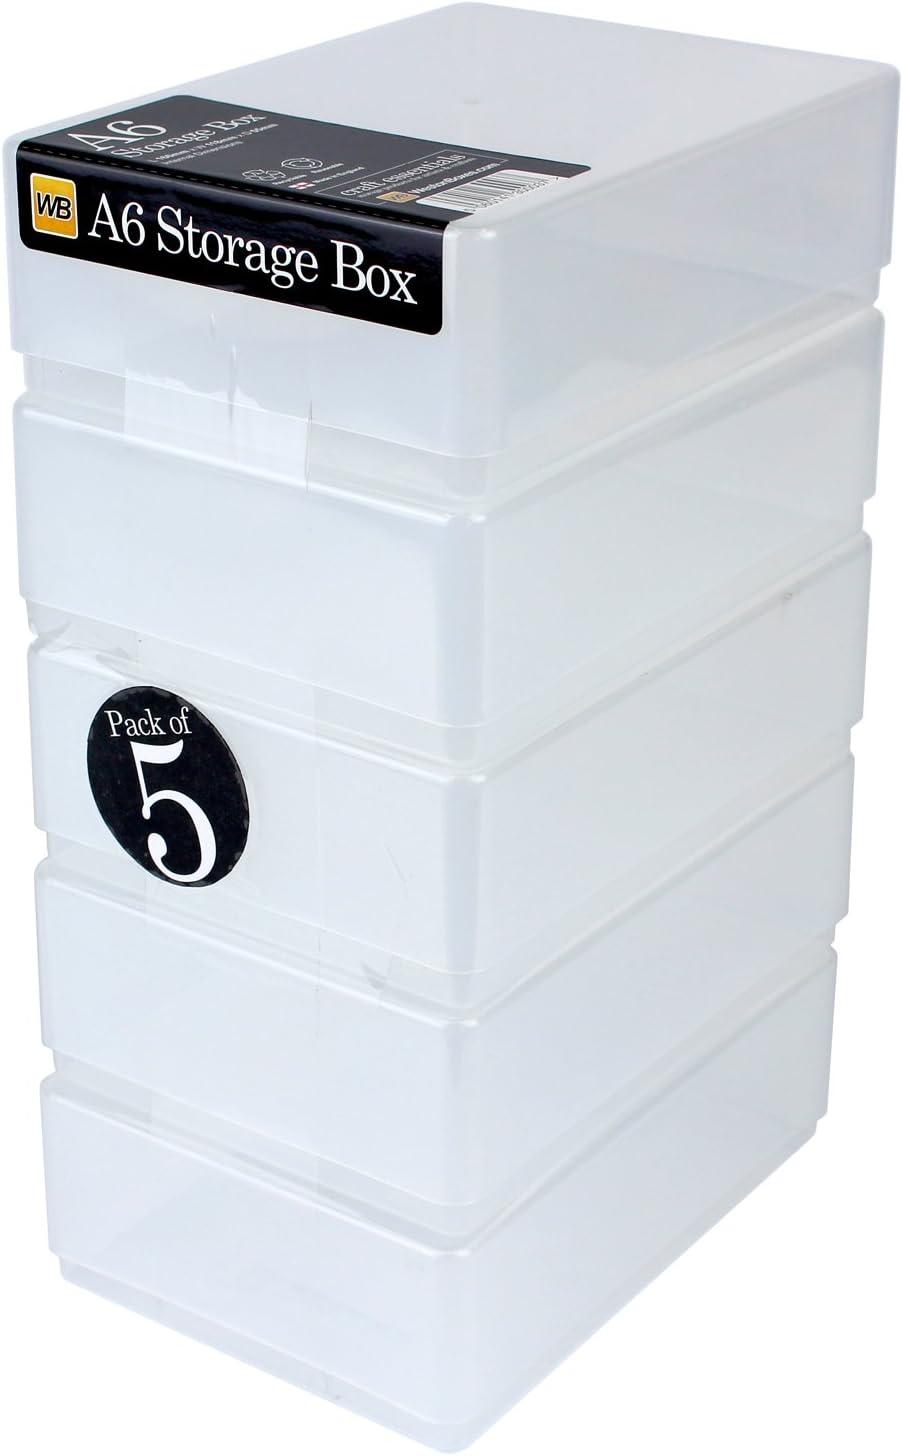 WestonBoxes A6 Caja de Almacenamiento para Papel, Tarjetas y Suministros de Arte pequeños: Puede Contener 500 Hojas de Papel de 80 g / m2 (Transparente, Paquete de 5)